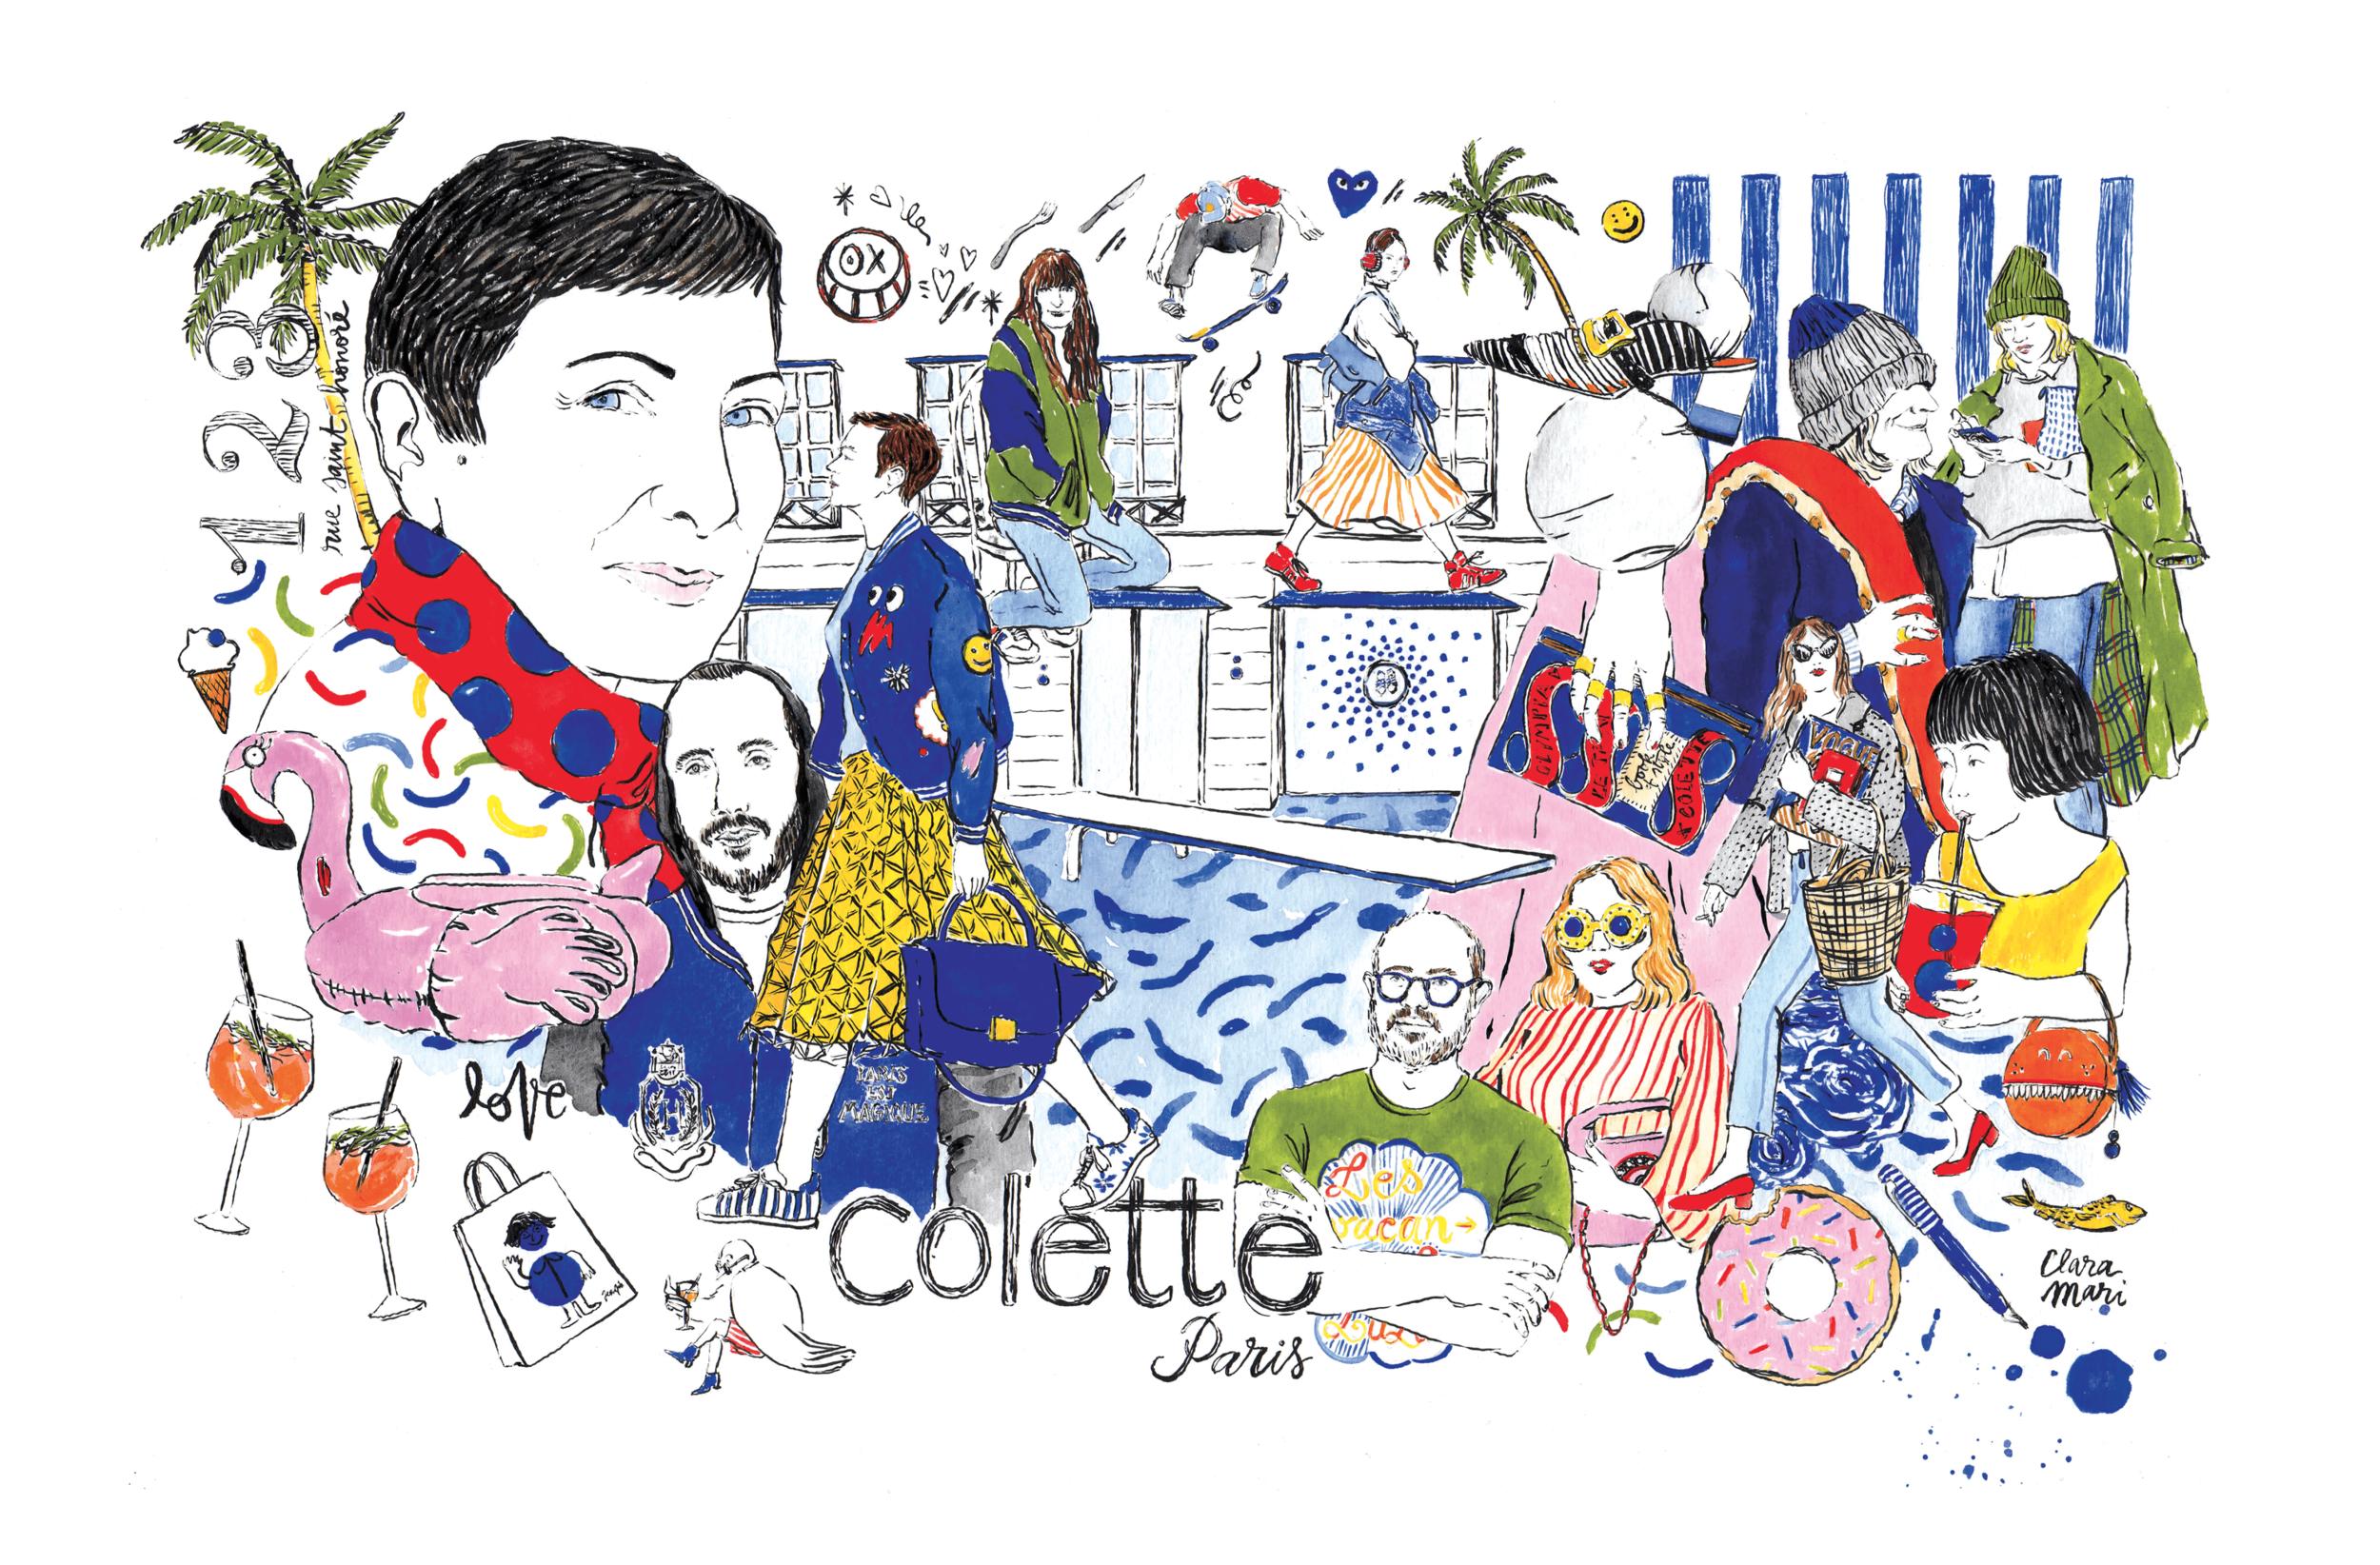 5-Colette-Papier Magazine.png